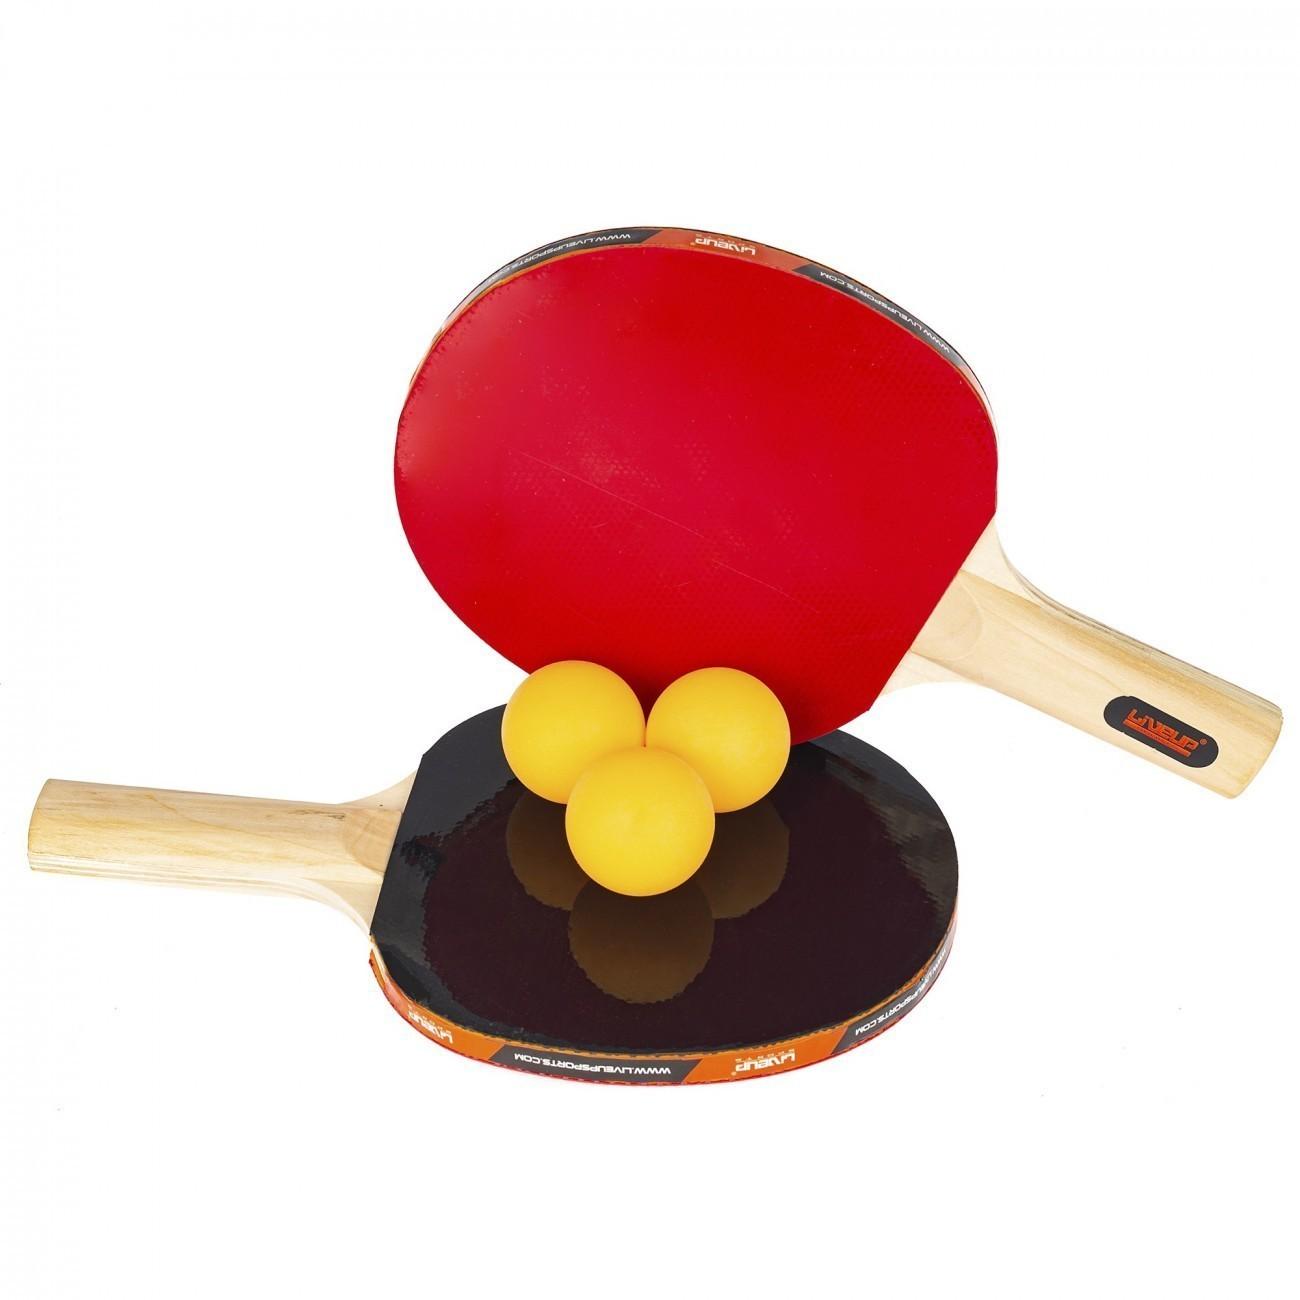 Kit Ping Pong - 2 Raquetes e 3 Bolinhas - LiveUp